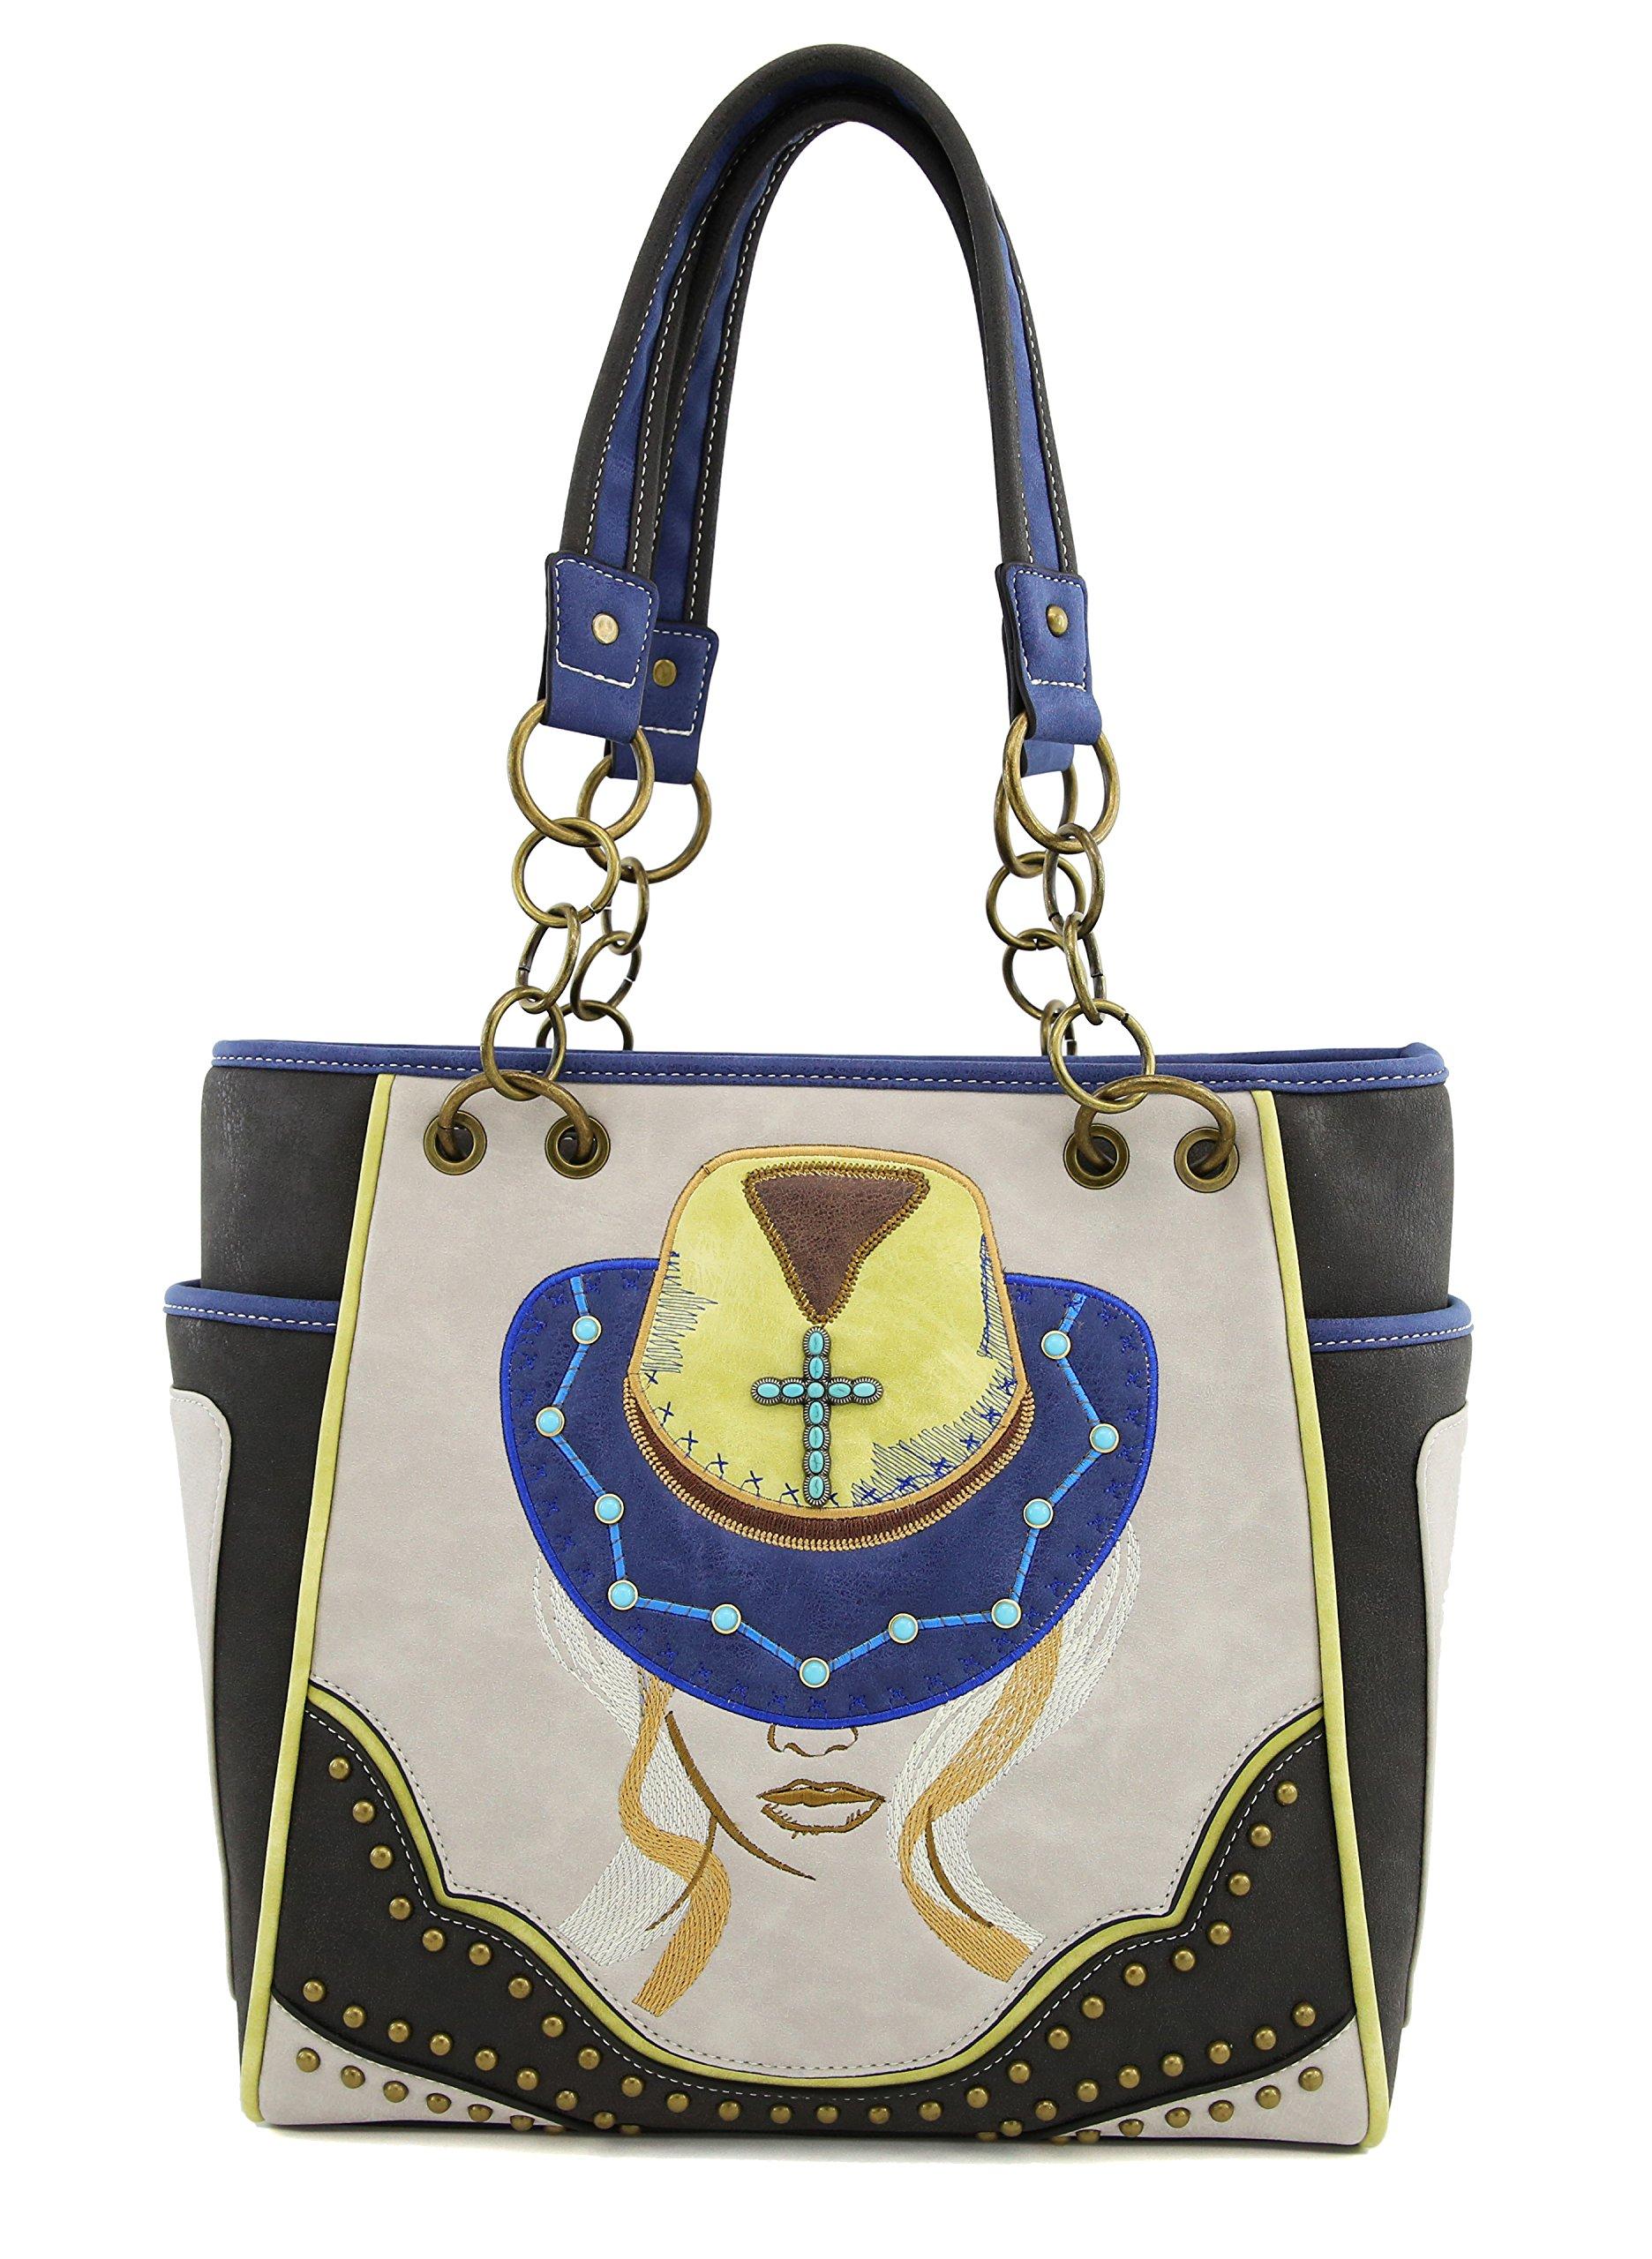 Tote Bag ANGIE & ALLIE Western Shoulder Bag Cowgirl Rhinestore Studded with Backside Concealed Saddle Pocket Waterproof Cowgirl Handbag (Black)